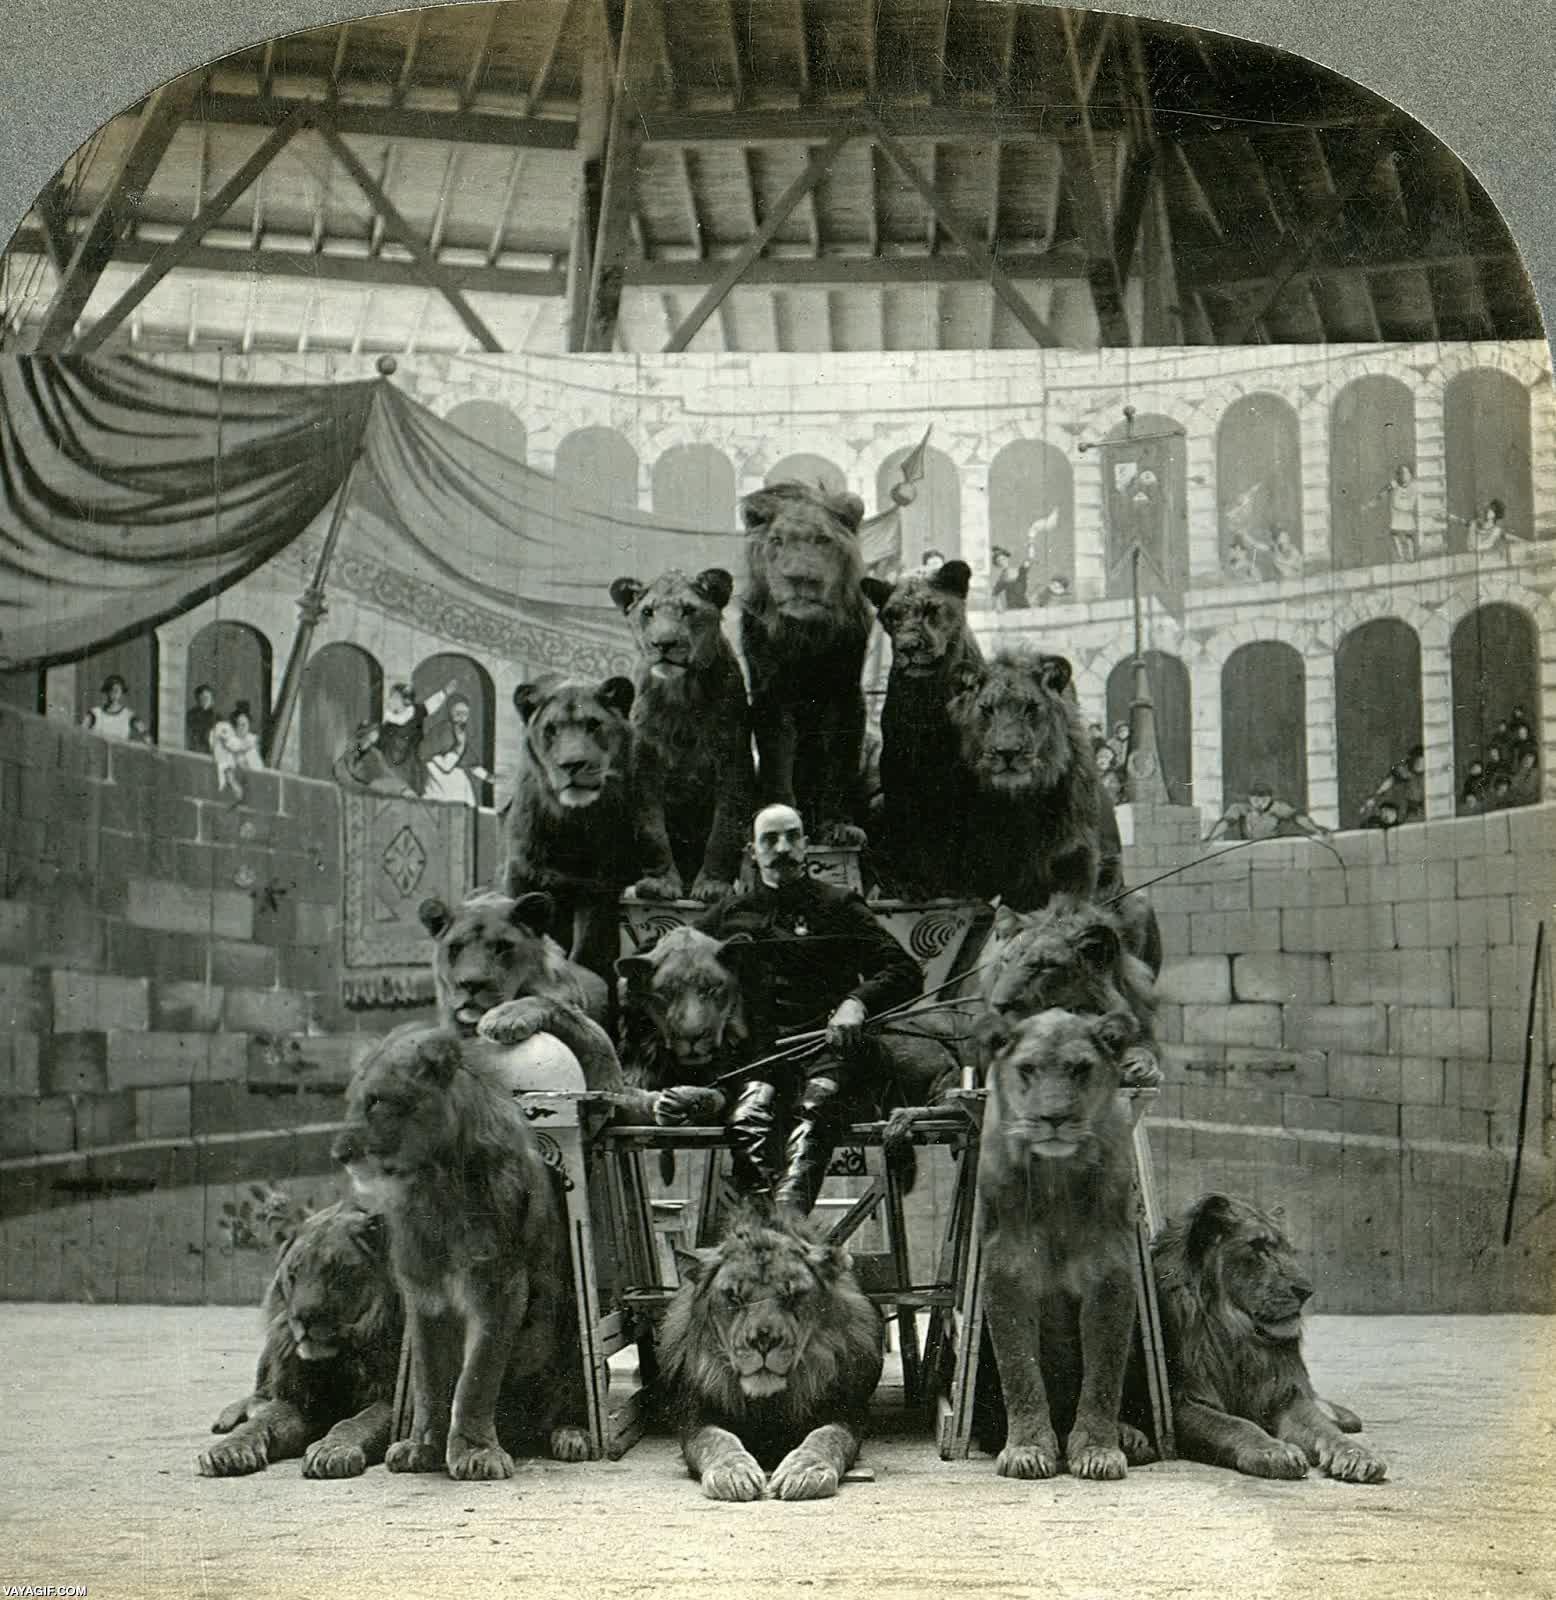 Enlace a Un domador de leones posando con sus bestias en 1905